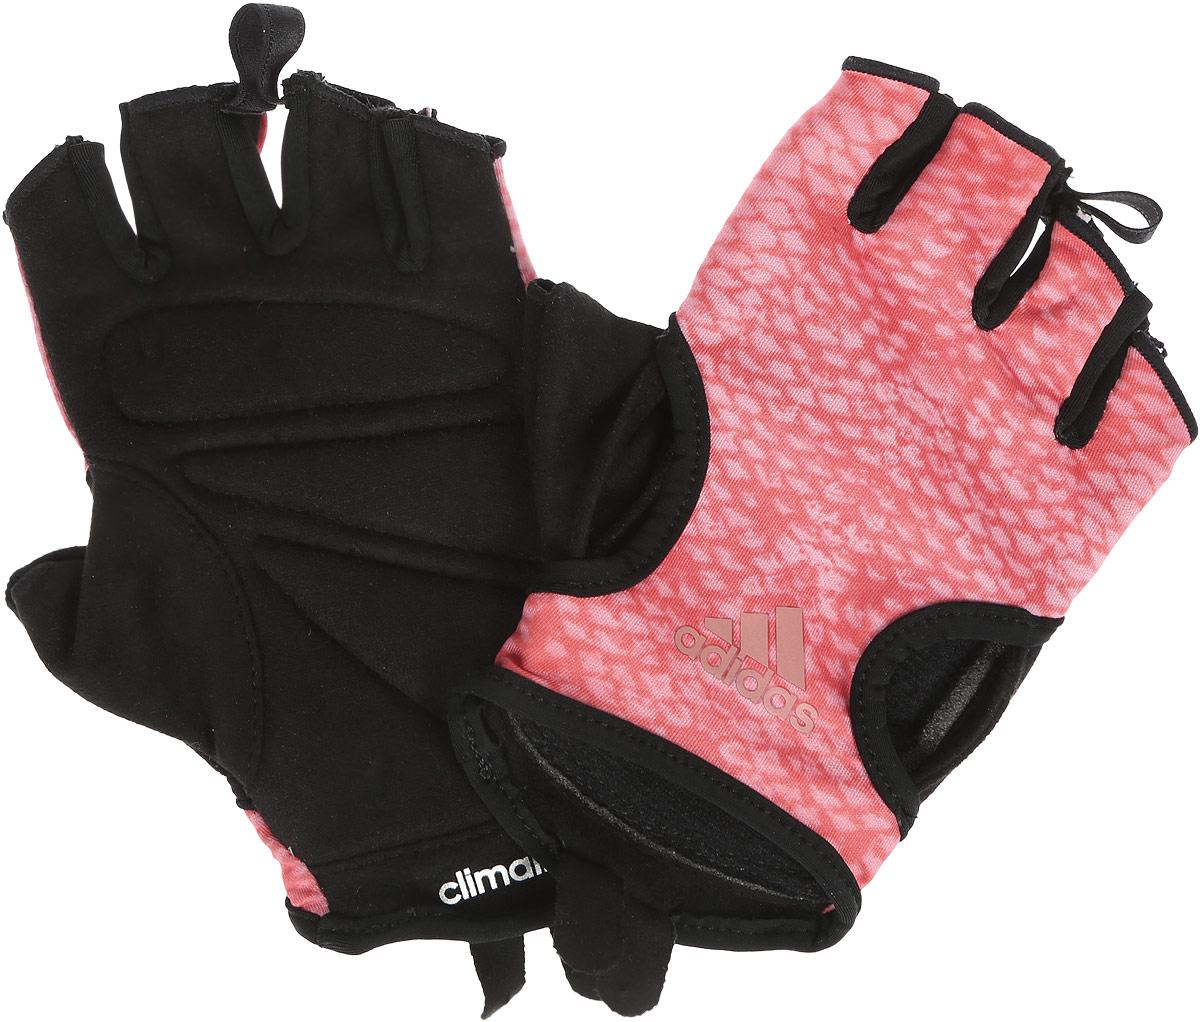 Перчатки для фитнеса adidas Clmlt Gr Glovew, цвет: оранжевый, черный. S99608. Размер S (18)S99608ПЕРЧАТКИ GRAPHIC CLIMALITE АМОРТИЗИРУЮЩИЕ ПЕРЧАТКИ, КОТОРЫЕ ОТВОДЯТ ВЛАГУ. Эти тренировочные перчатки обеспечат твоим рукам дополнительную защиту и сцепление во время хвата. Модель из эластичного тканого материала оптимально отводит излишки влаги. Замшевая сторона на ладони с мягкими амортизирующими вставками. Ткань в области большого пальца поглощает влагу. Петелька между пальцами для легкого снимания. Яркая графика на тыльной стороне. Ткань с технологией climalite быстро и эффективно отводит влагу с поверхности кожи, поддерживая комфортный микроклимат Амортизирующие вставки на ладонях для дополнительной защиты и сцепления Замшевая внутренняя часть Специальная вставка в области большого пальца эффективно поглощает влагу Петелька между пальцами для быстрого снимания 85% полиэстер / 15% эластан